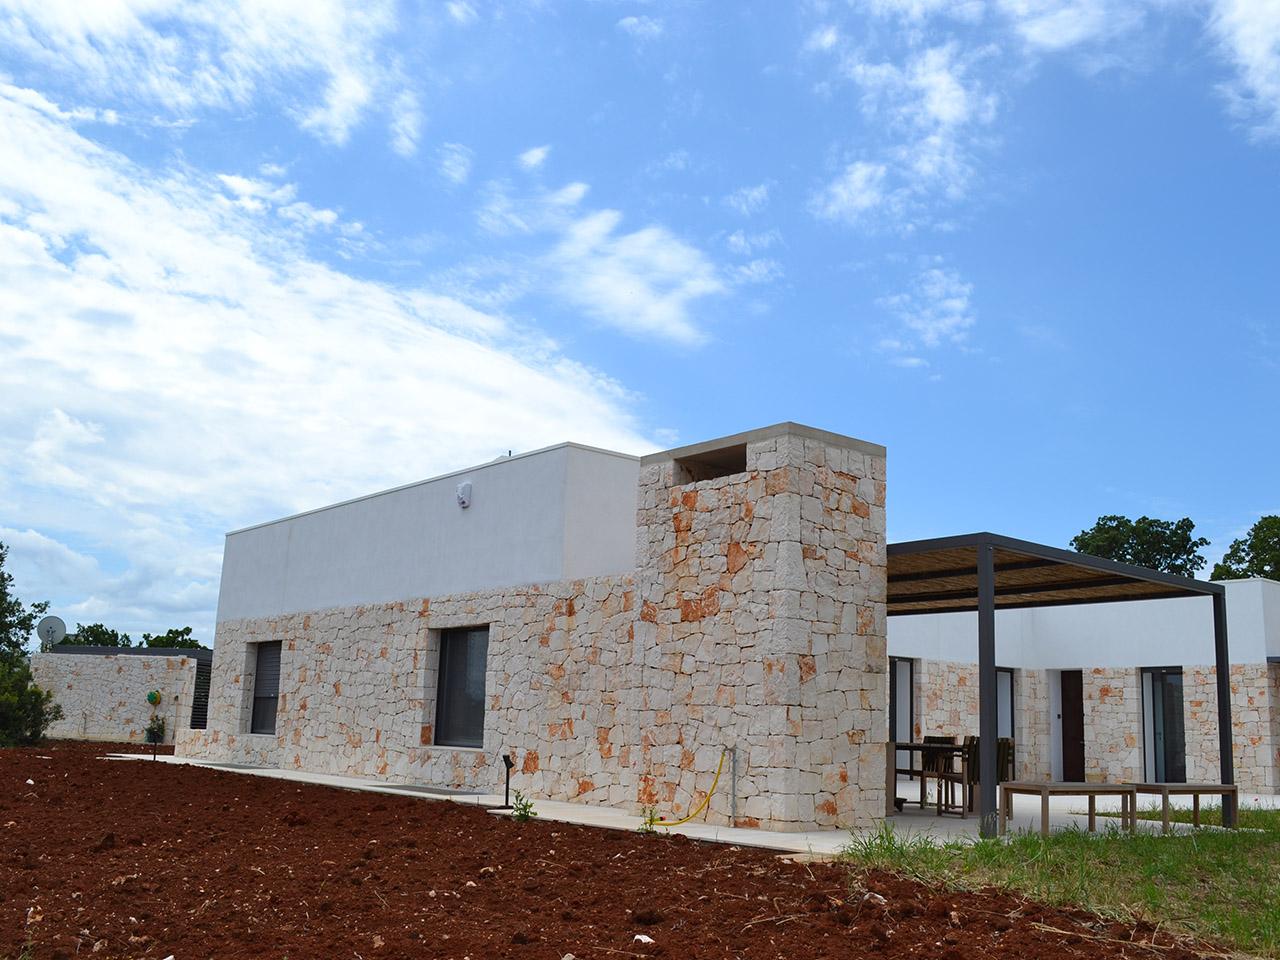 costruzioni restauri sirio ostuni nuova residenza privata chiobbica ostuni dsc 0489